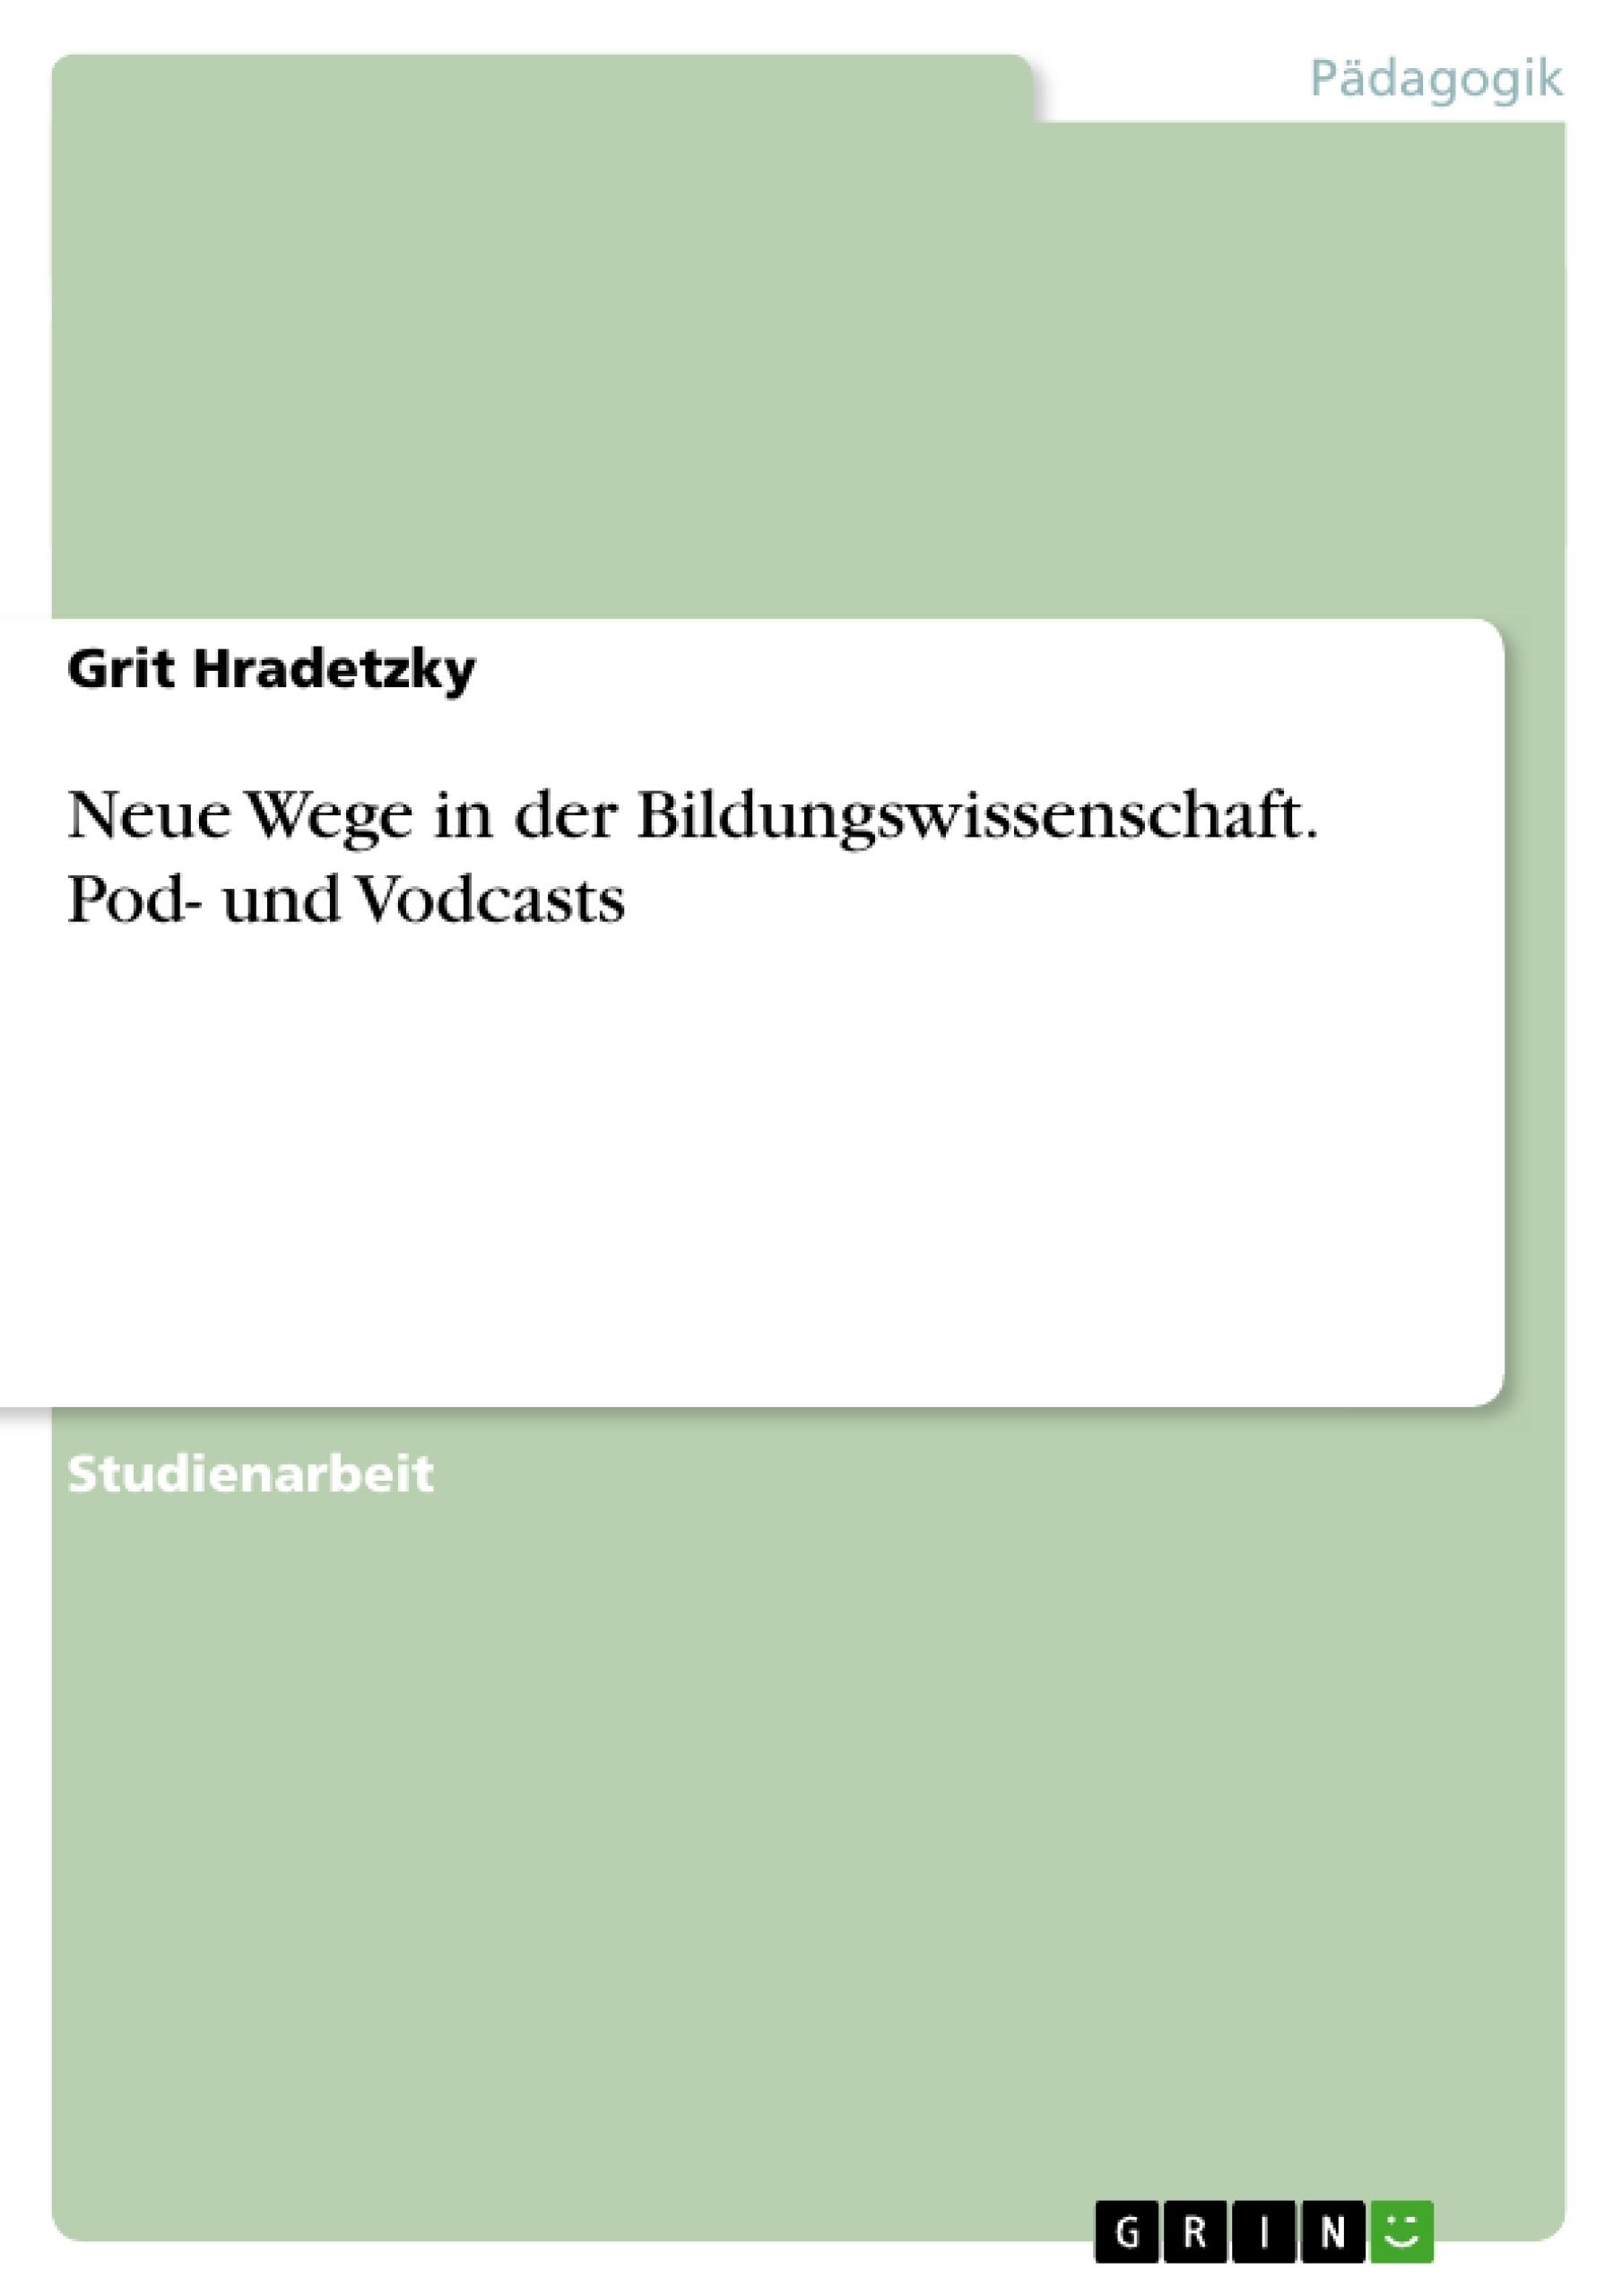 Titel: Neue Wege in der Bildungswissenschaft. Pod- und Vodcasts